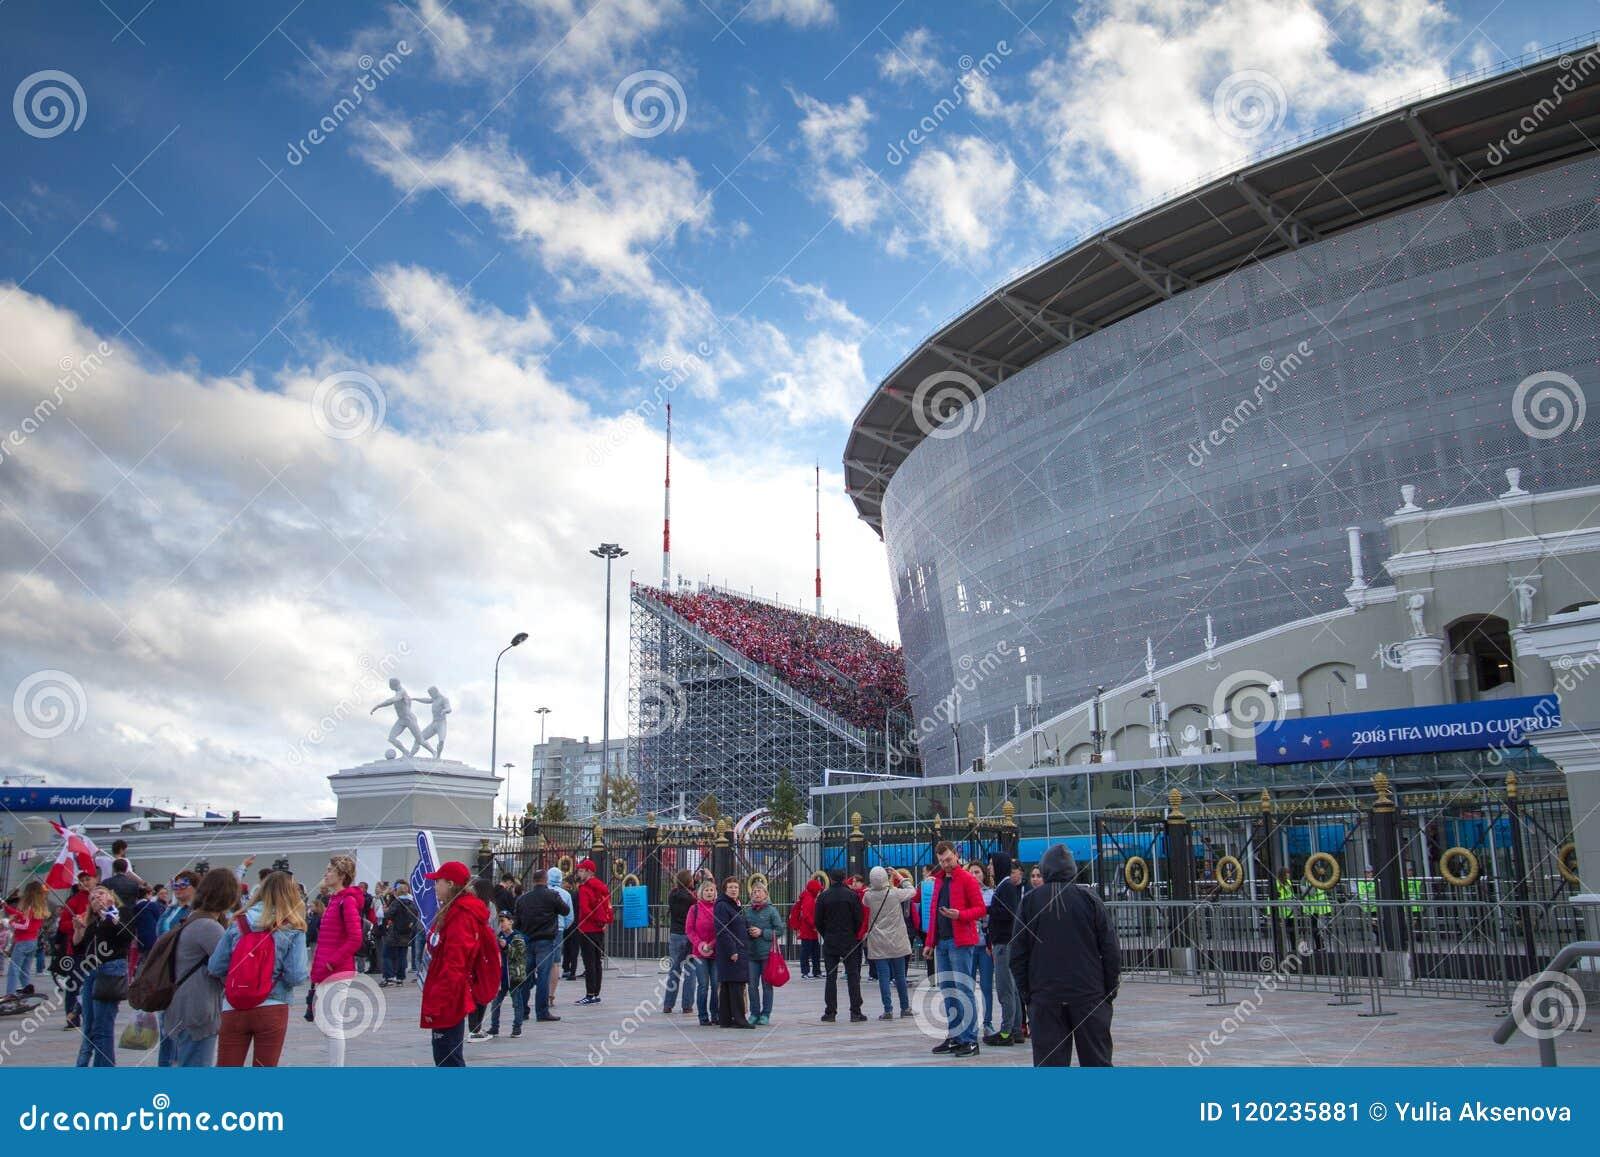 Povos em torno da arena do estádio - Yekaterinburg em Rússia